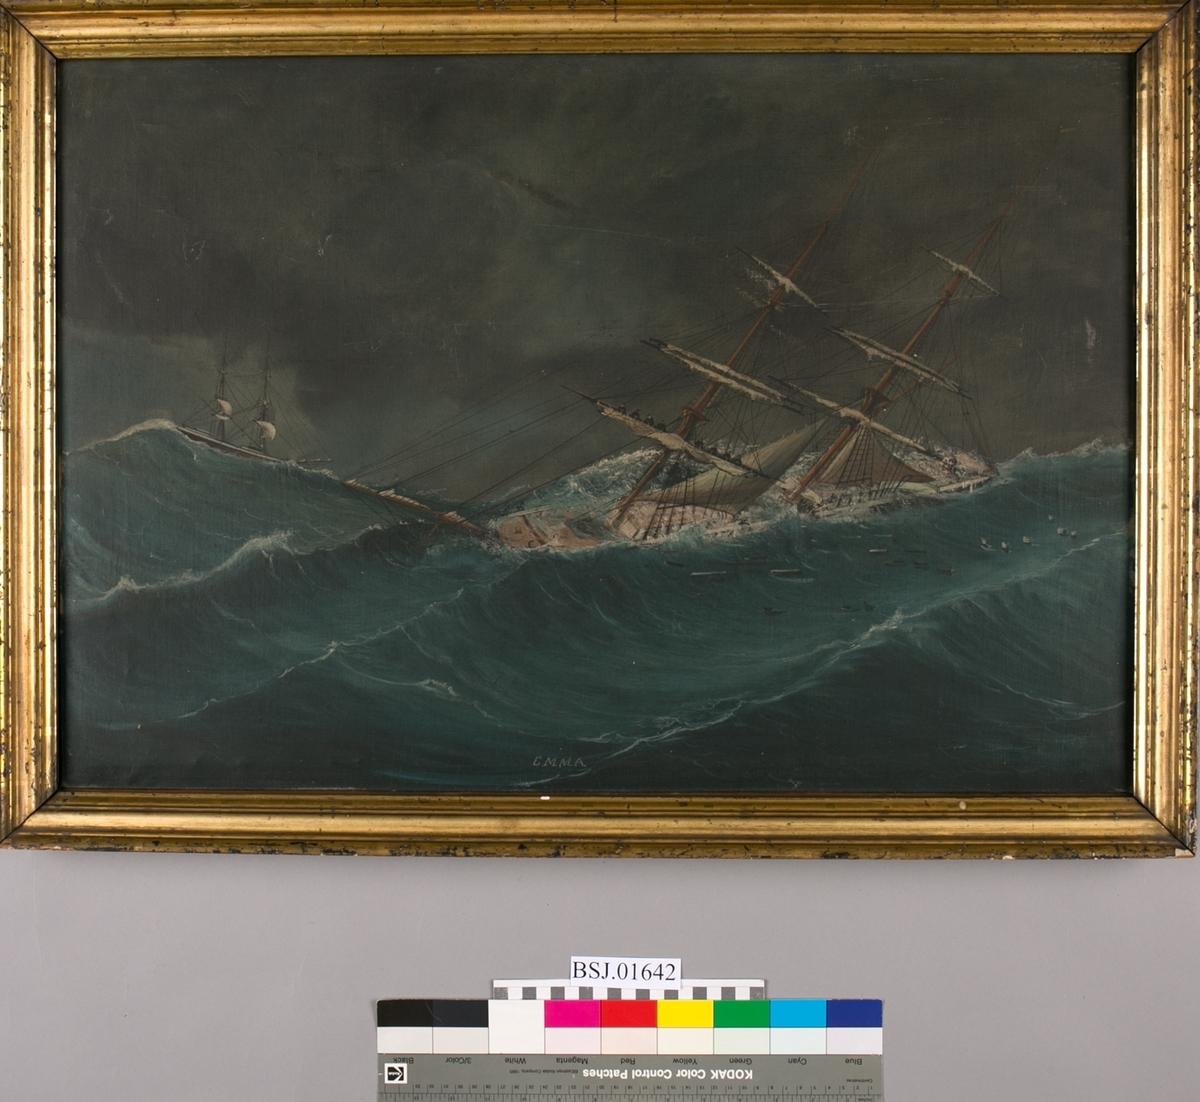 Briggen EMMA i hardt vær, en del av mannskapet ses i arbeid i rærene med å redde seilene. Til venstre for EMMA ses en brigg høyt på en bølgetopp.